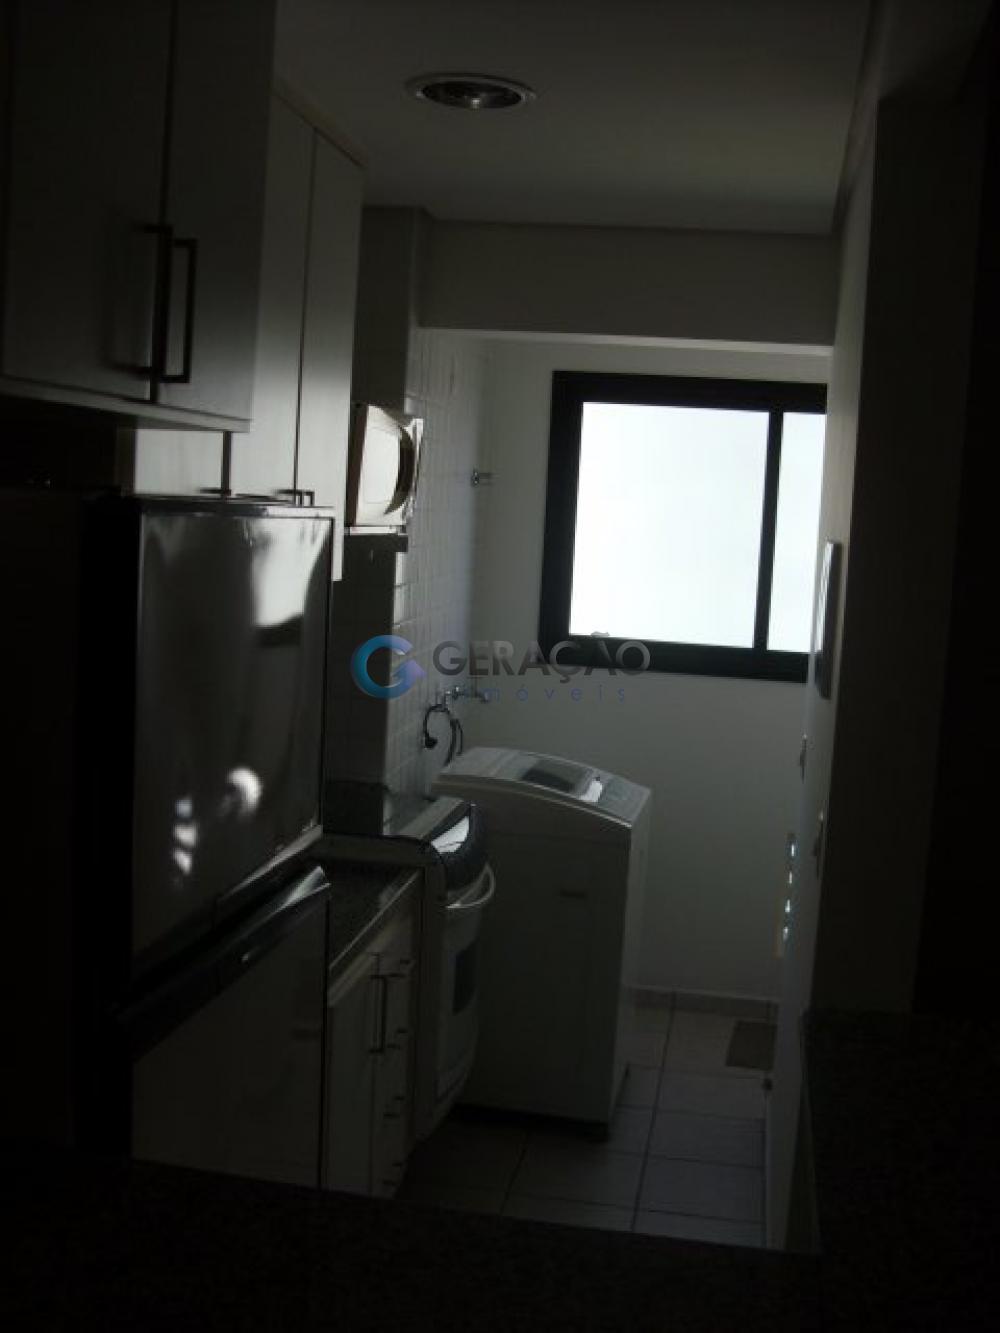 Alugar Apartamento / Padrão em São José dos Campos apenas R$ 1.400,00 - Foto 4